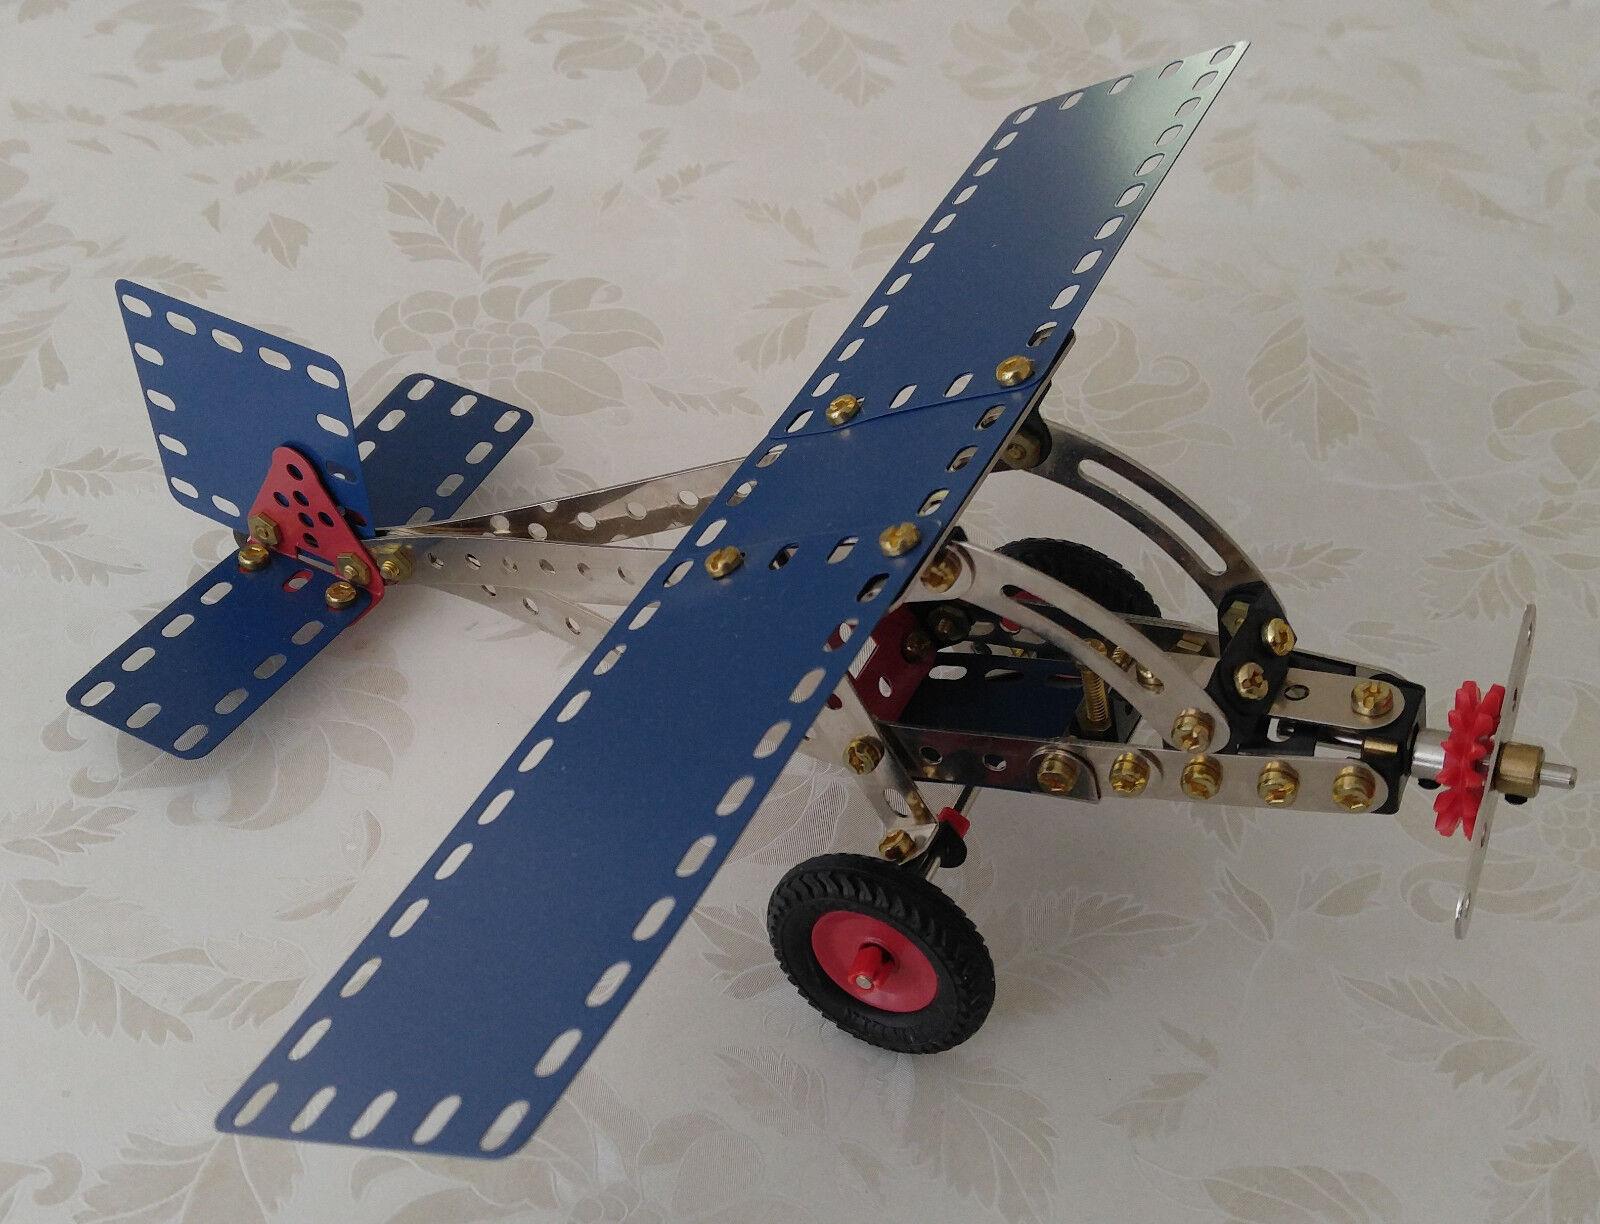 Märklin 45292 (Spur 1) – Metall Flugzeug Deko-Sonder-Edition, Neu, OVP